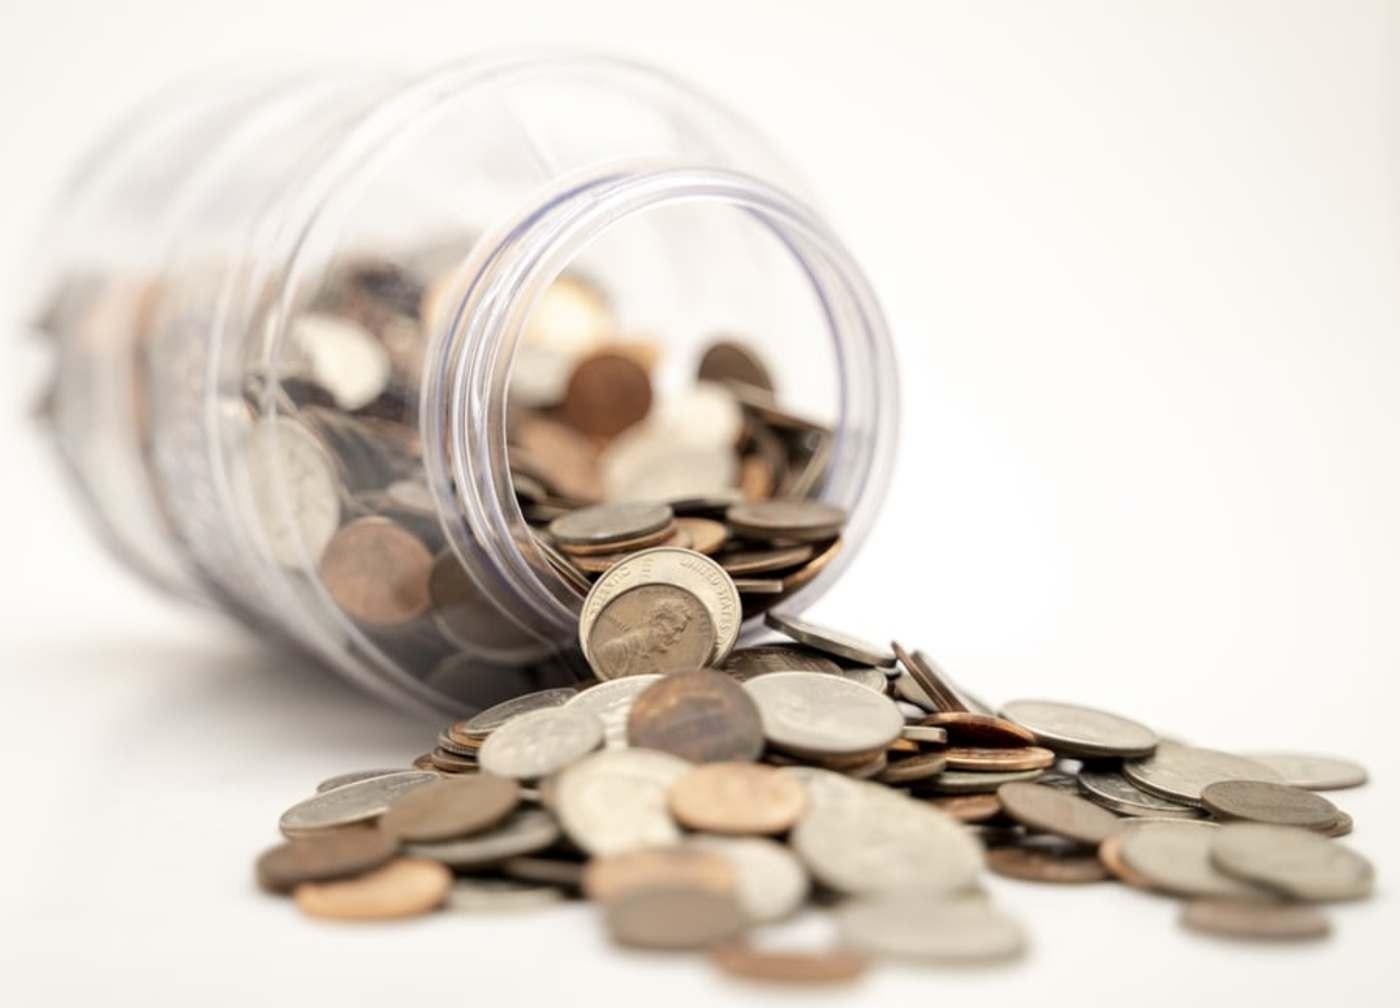 网贷逾期不还,对借款人会有哪些影响?这几个后果比较严重!